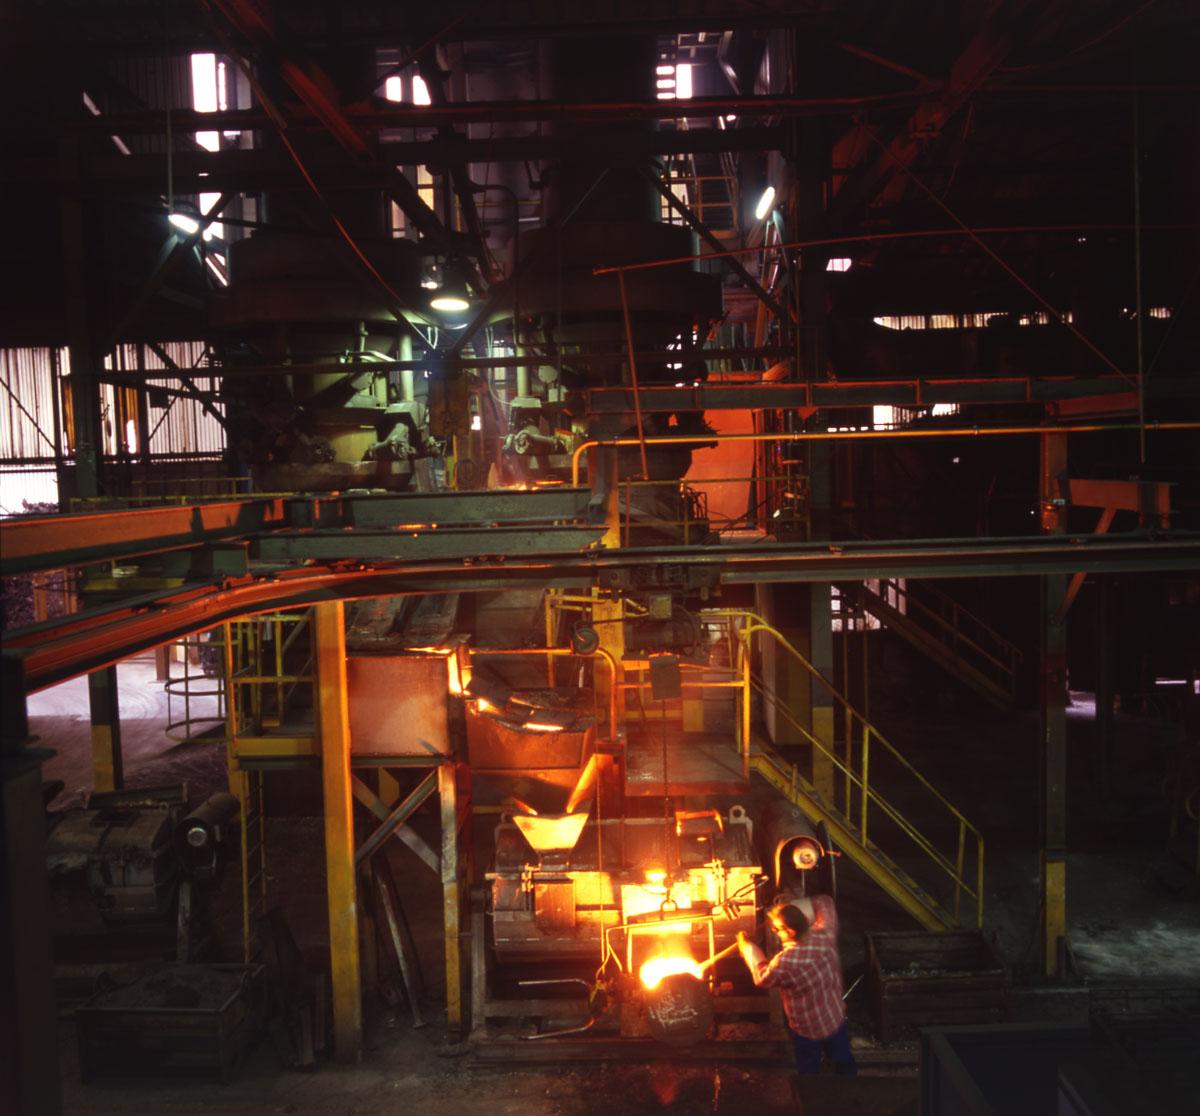 La photographie montre une coulée de fonte irradiant l'atelier de fonderie de l'